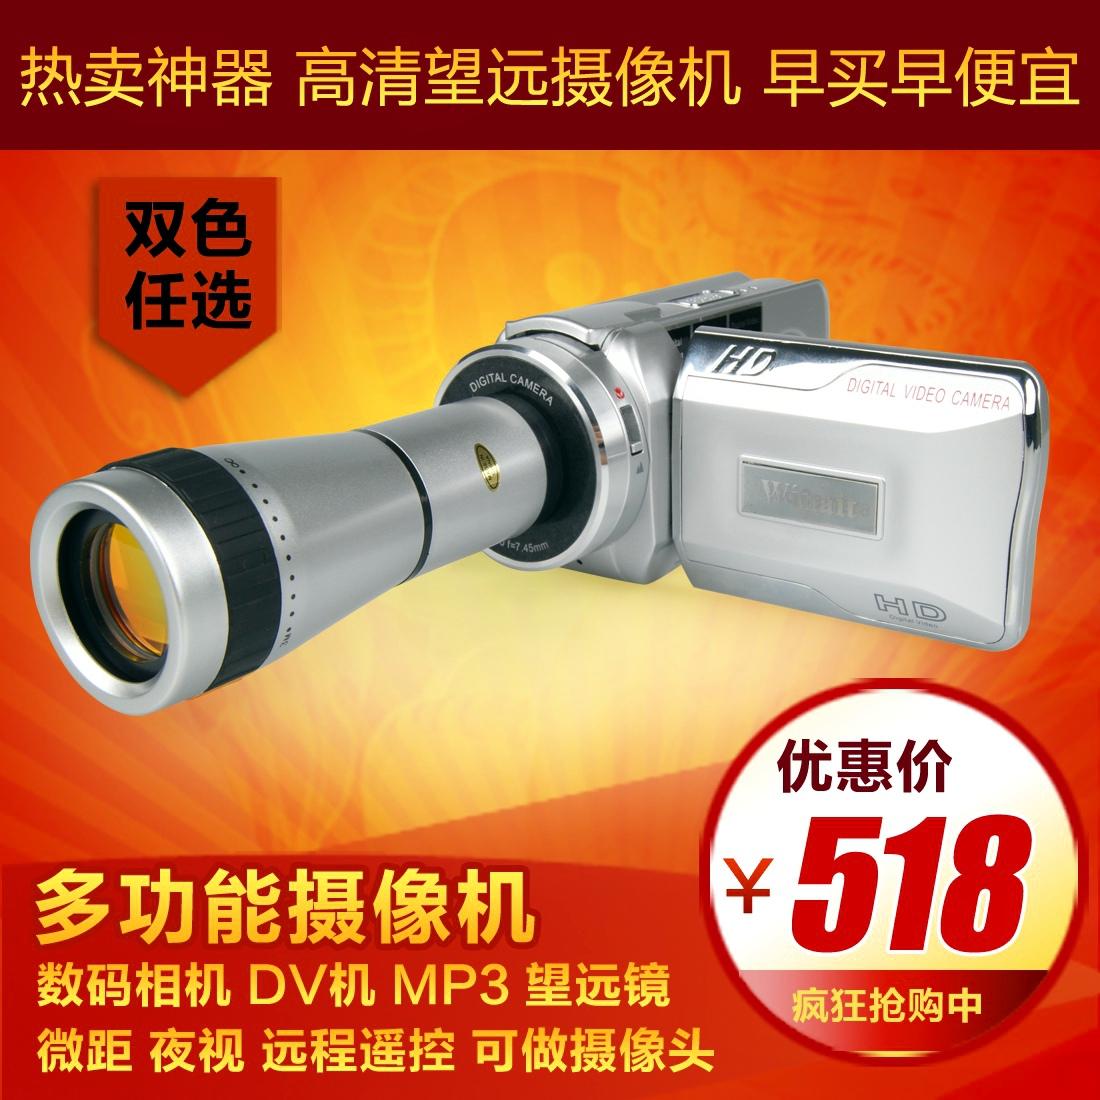 Winait DV668T HD телеобъектив профессиональная цифровая камера 16 миллионов пикселей большие расстояния Телескопы